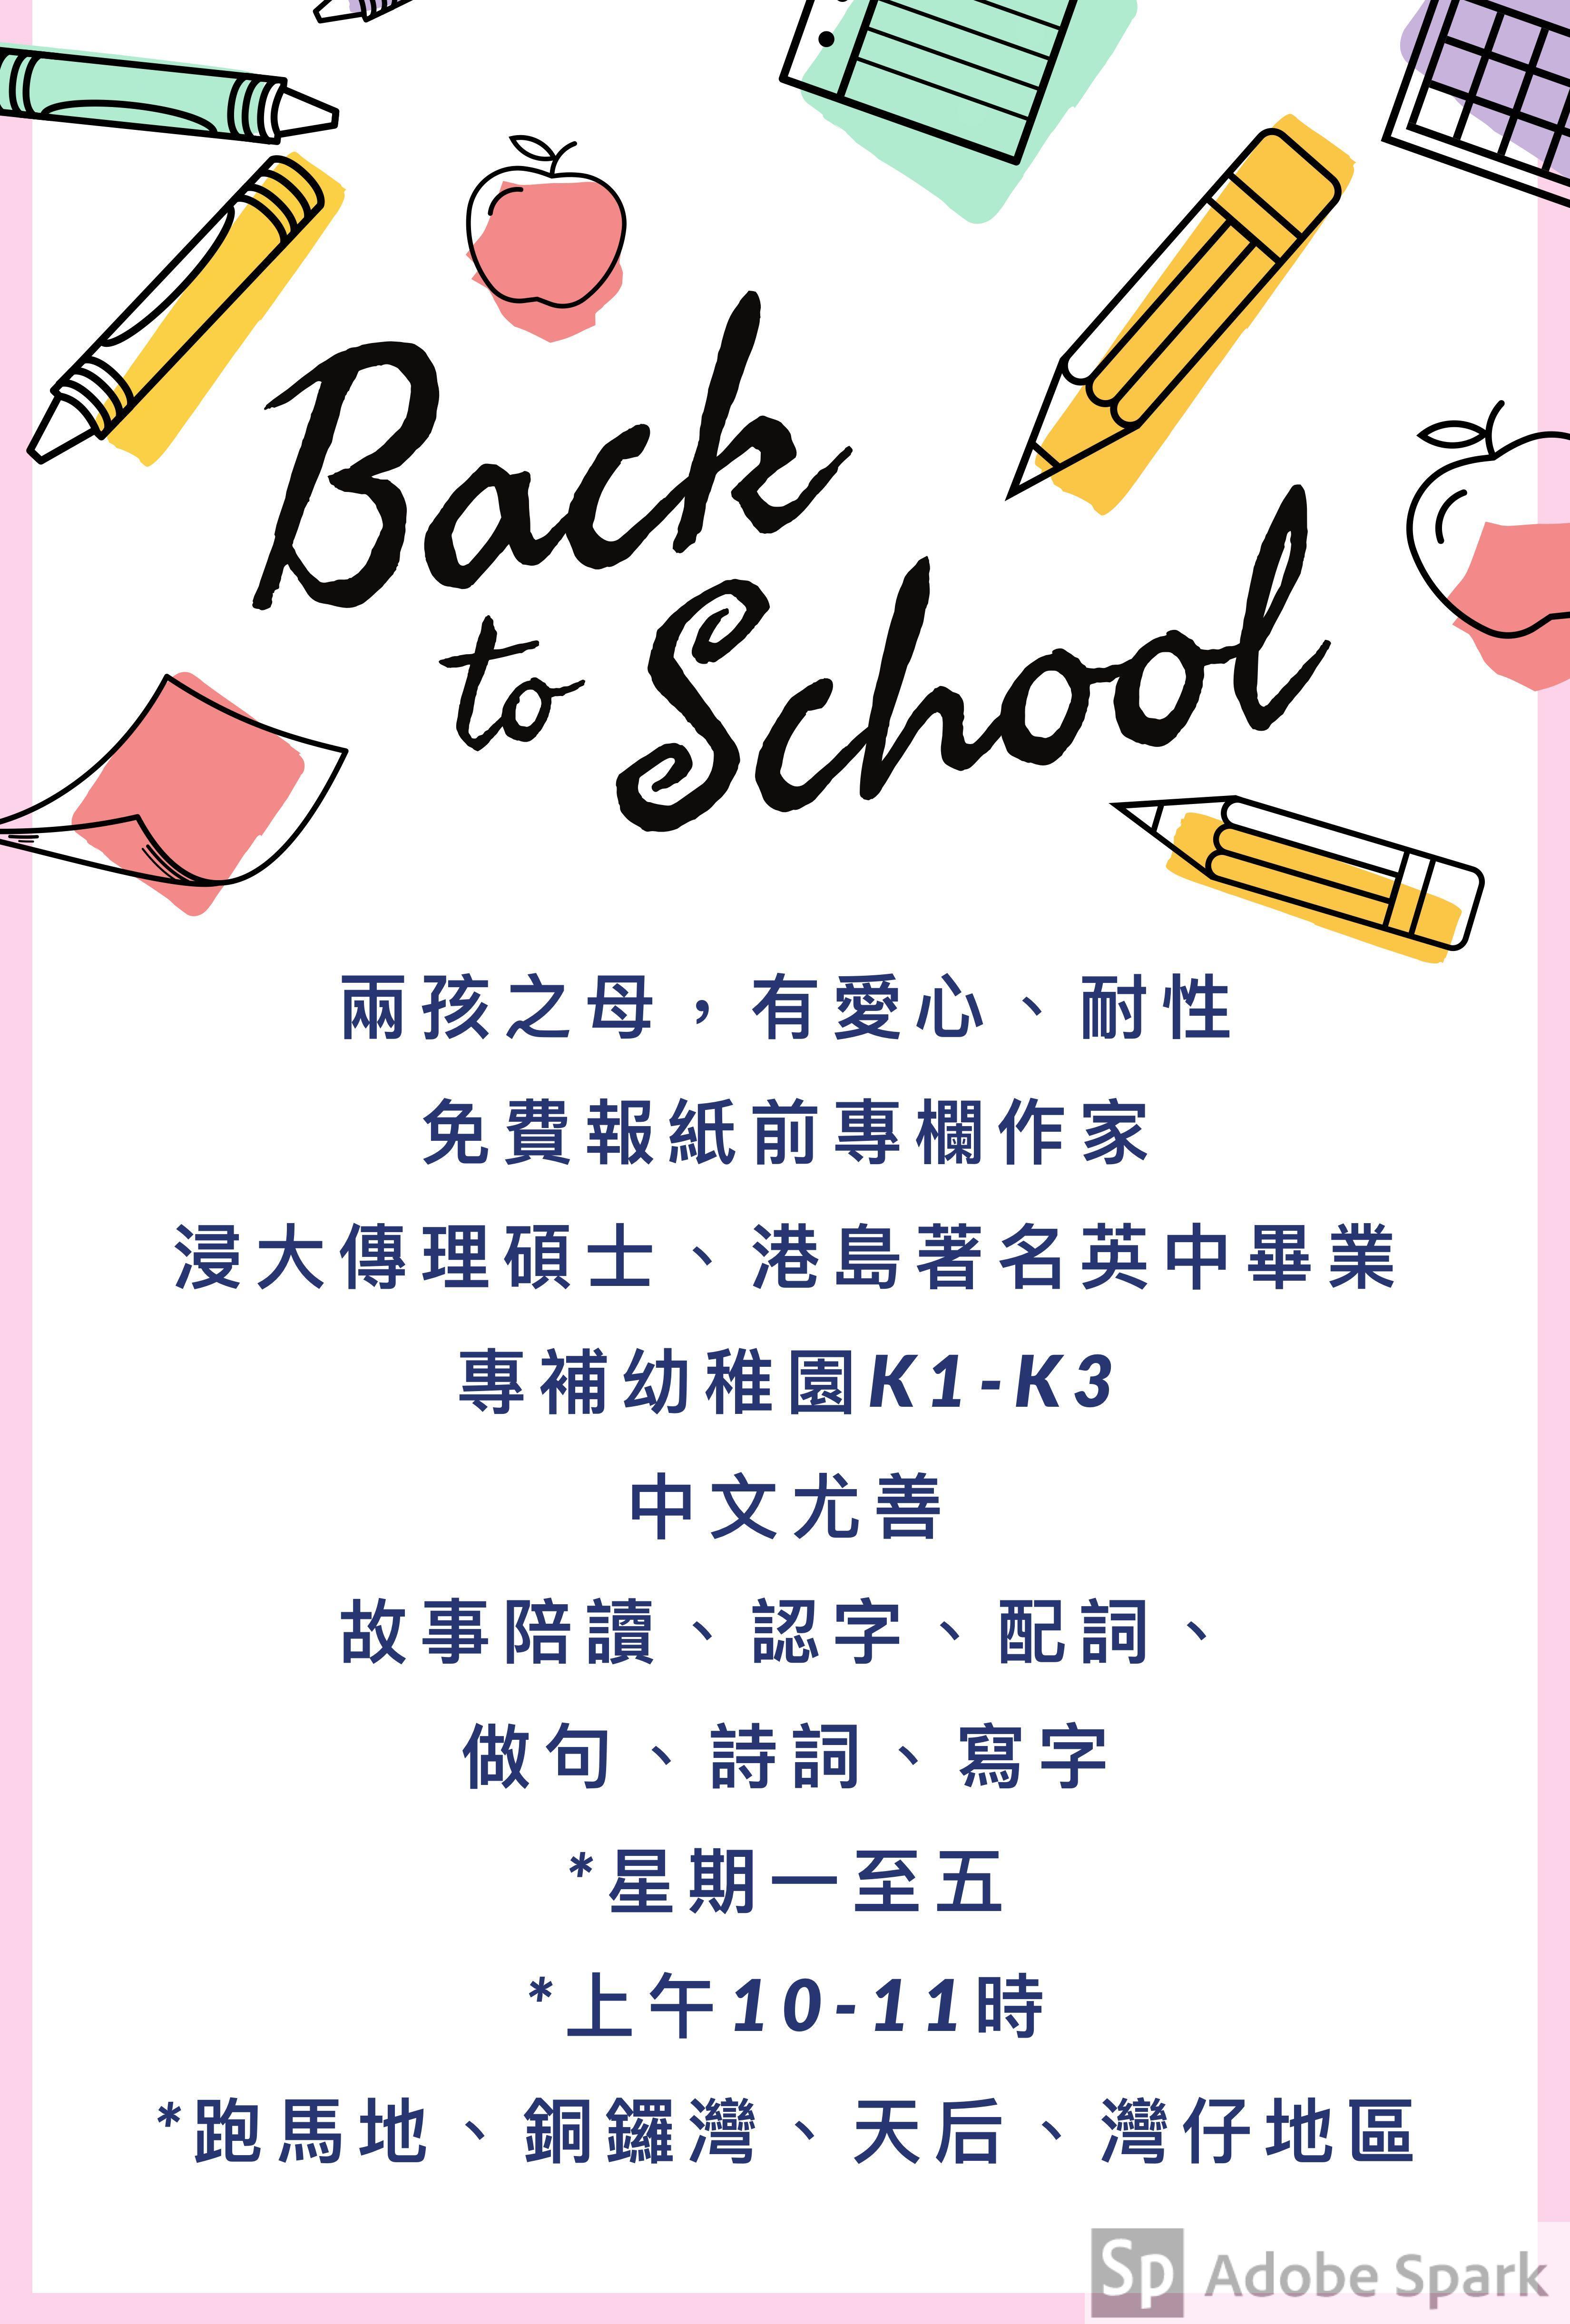 幼稚園 K1-K3 補習